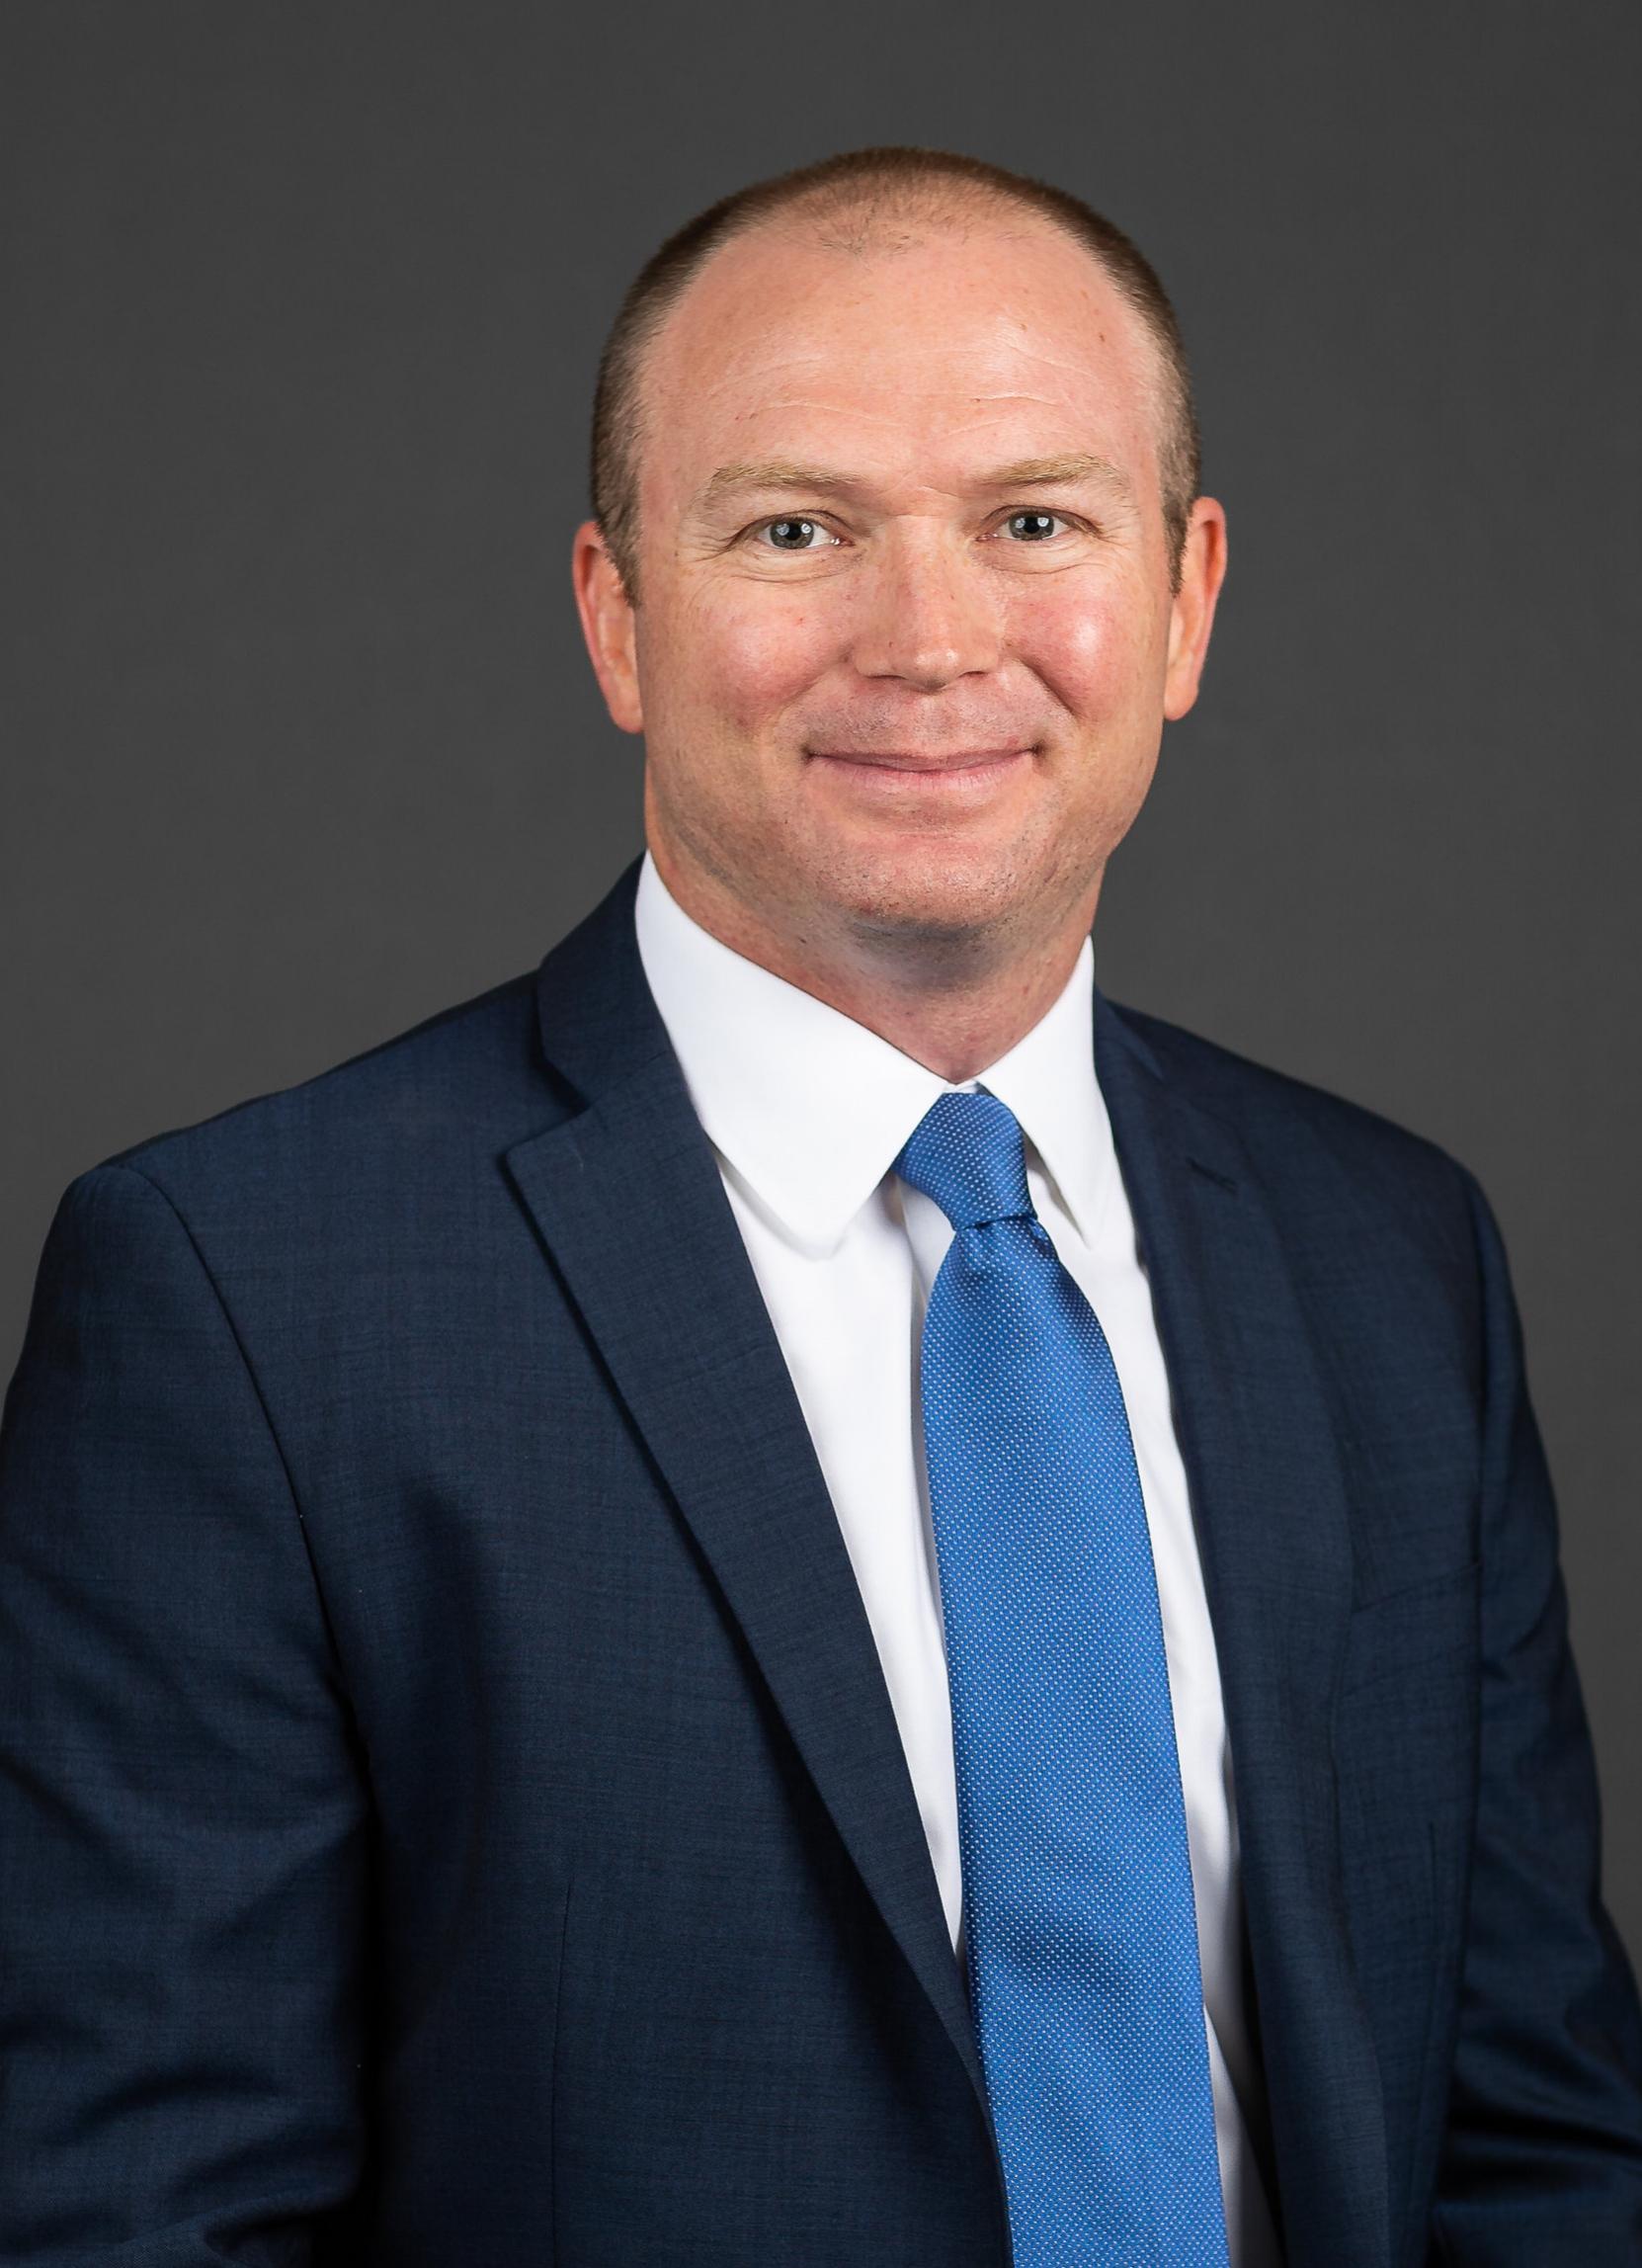 Todd Norbraten